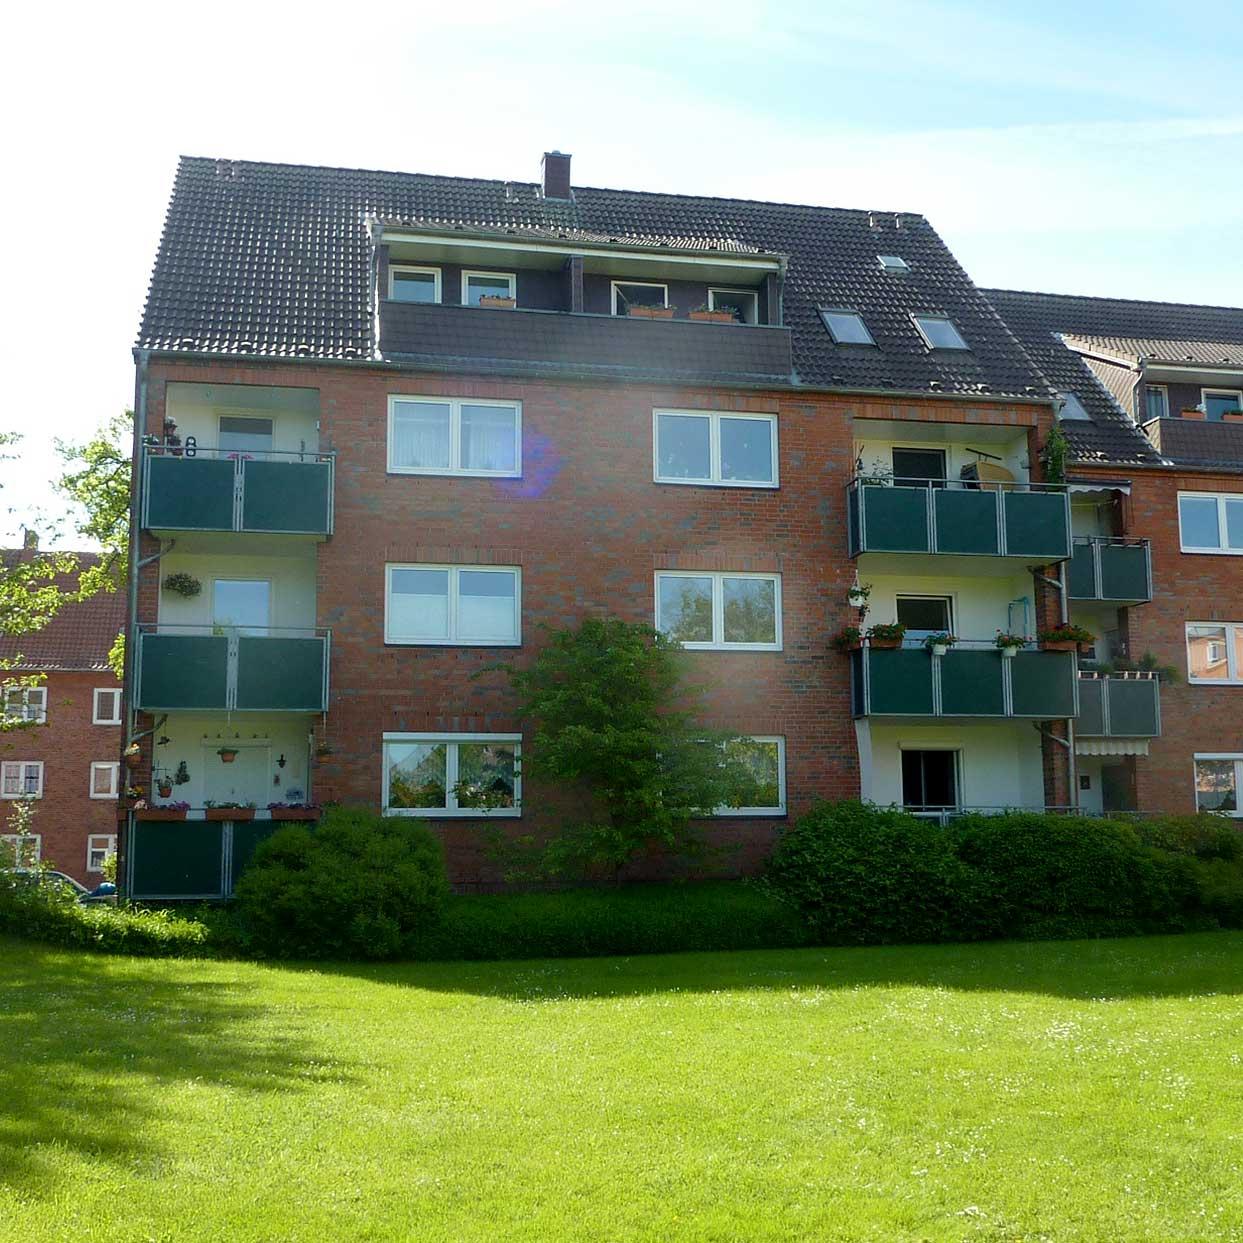 Hofansicht eines Wohnhauses der Baugenossenschaft Kiel Hassee